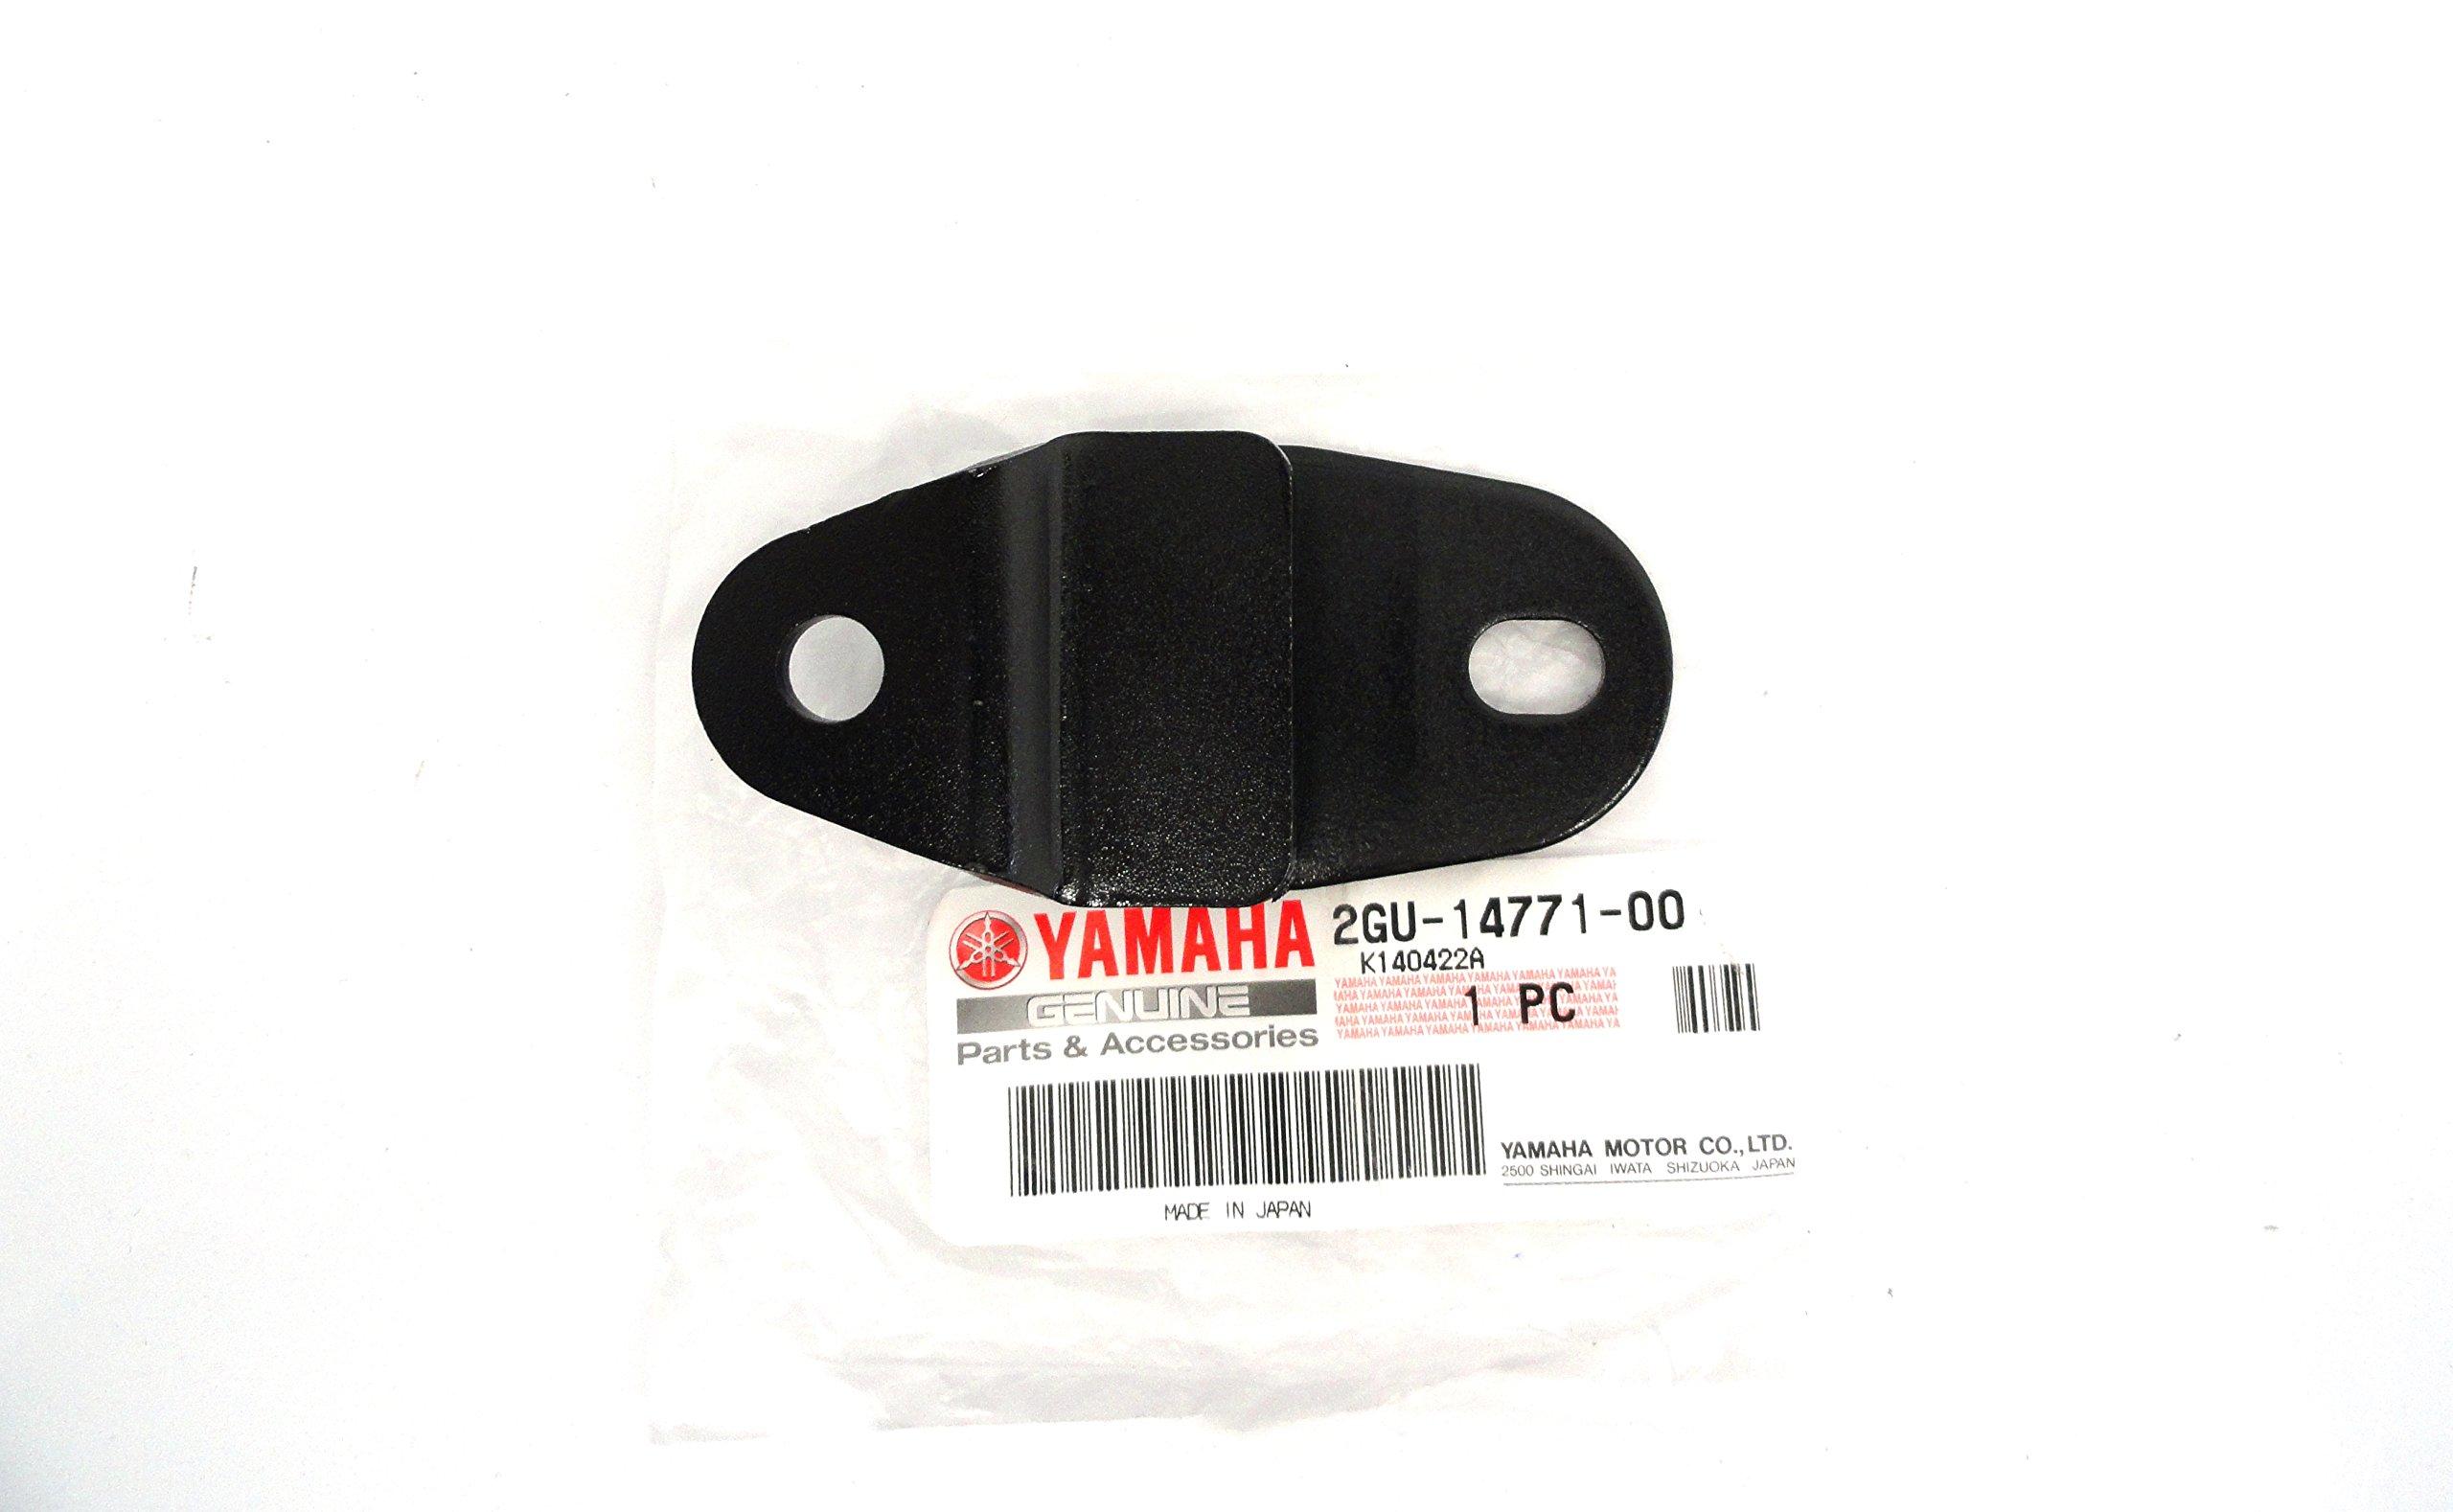 Yamaha 2GU147710000 Muffler Stay